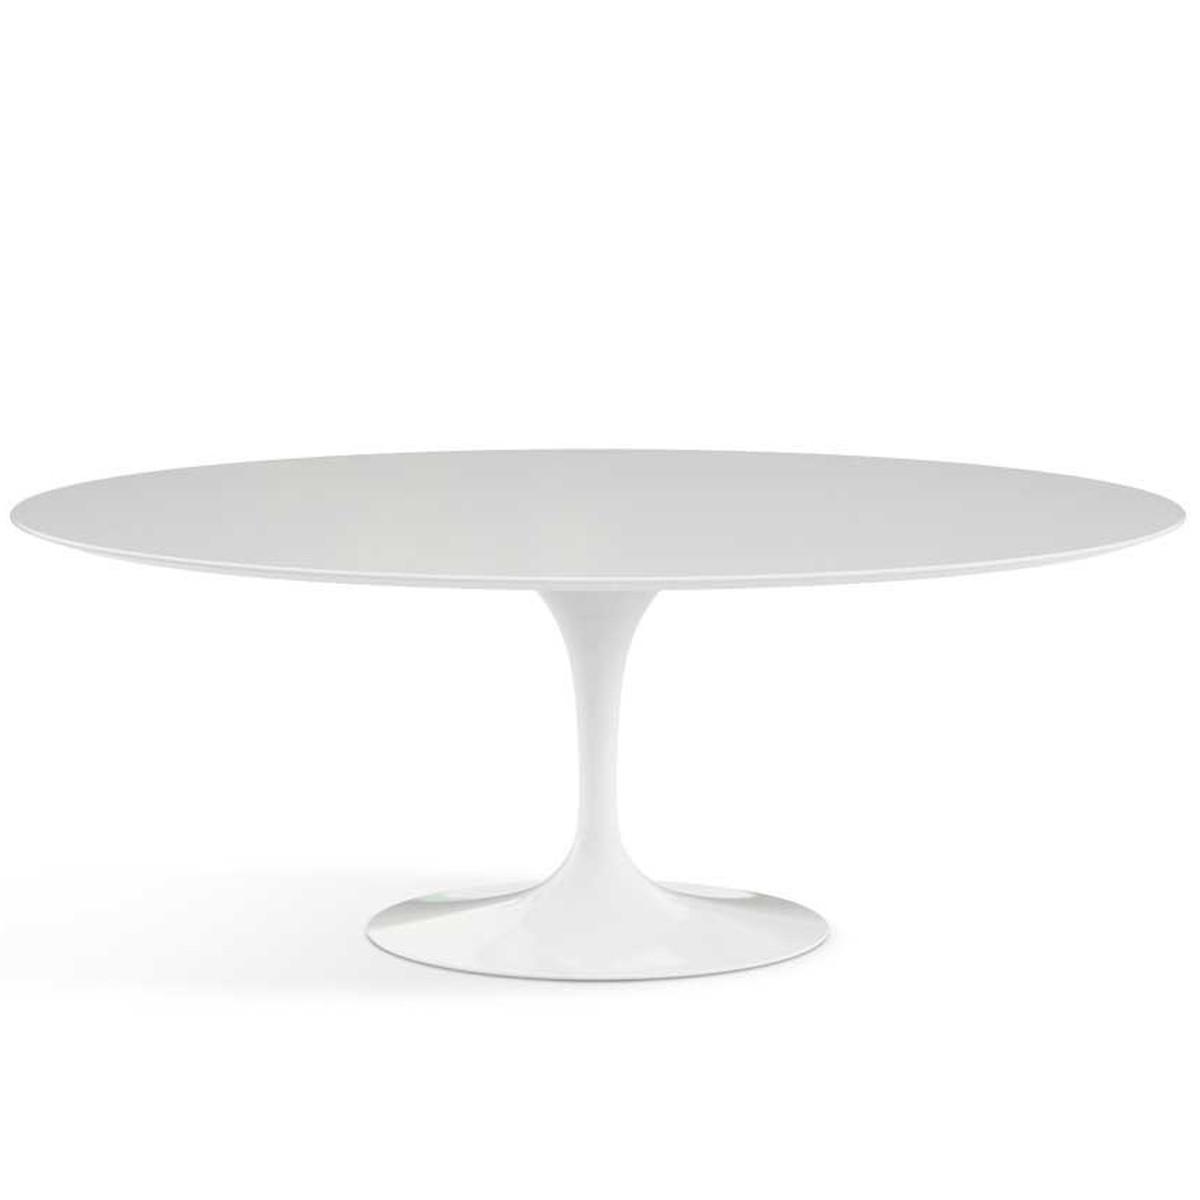 Esstisch oval weiß  Knoll International Knoll - Saarinen Tulip Esstisch, oval 74 x 198 cm -  Säulenfuß weiß / Tischplatte Laminat weiß Weiß T:121 H:74 B:198